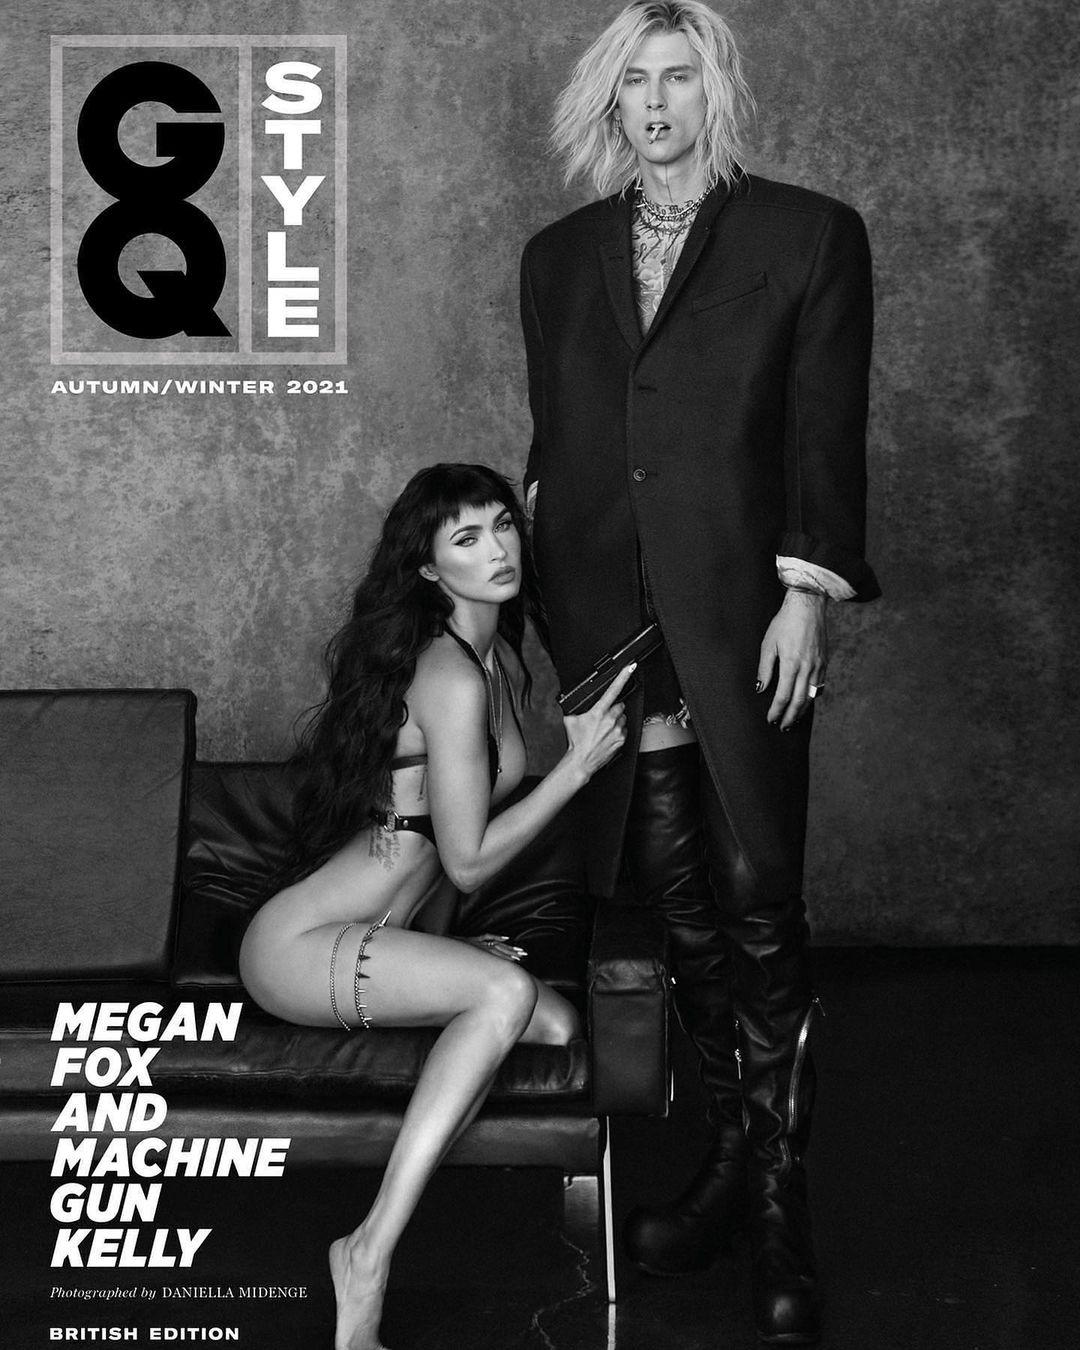 Меган Фокс снялась полностью обнажённой для обложки GQ в компании своего бойфренда